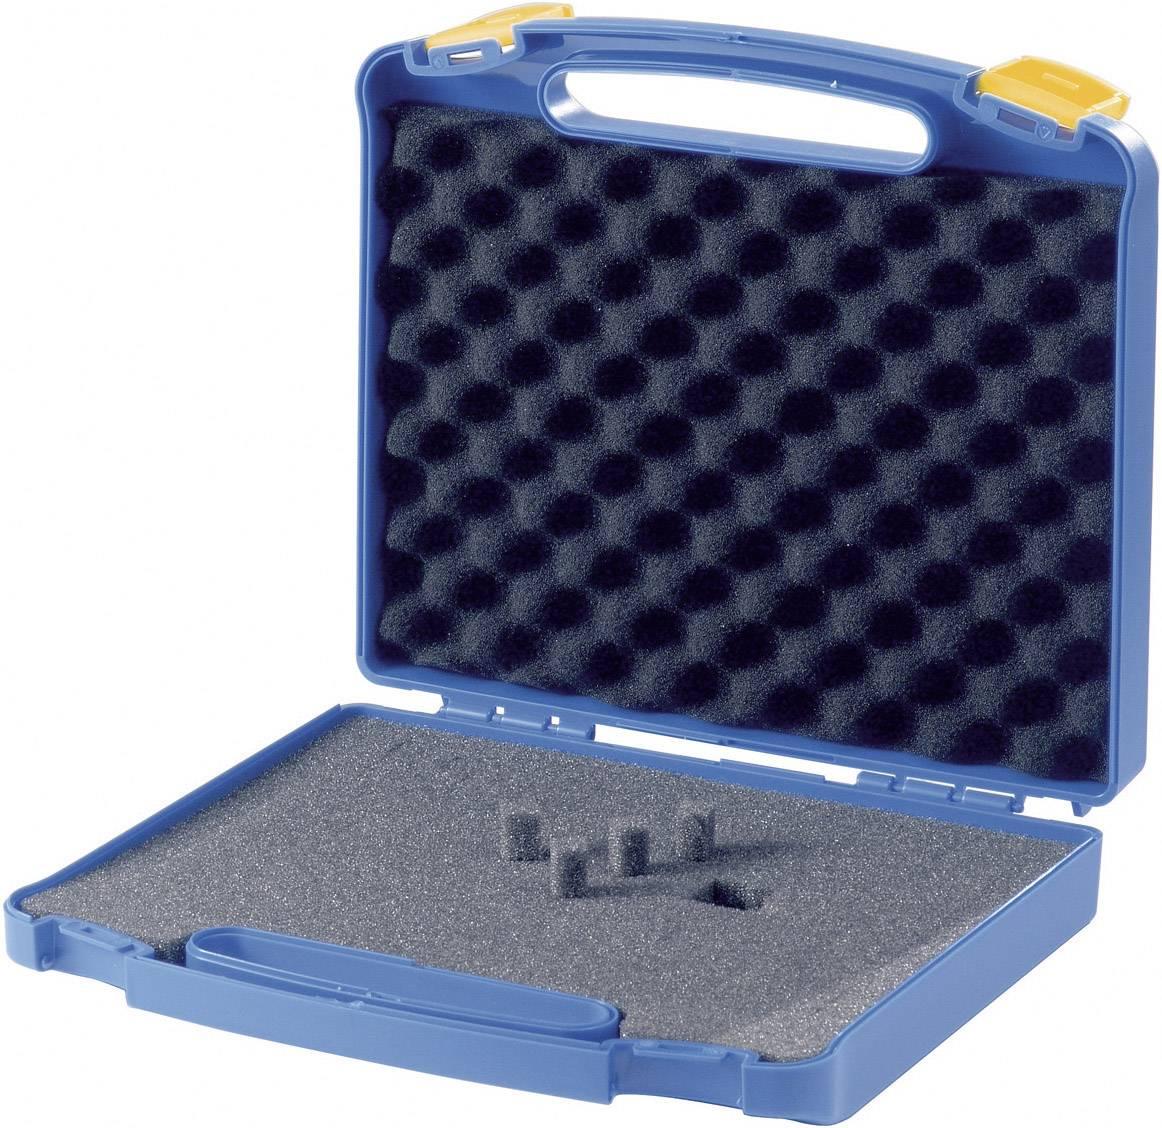 Plastový kufr s pěnovou výplní, 245 x 220 x 50 mm, modrá